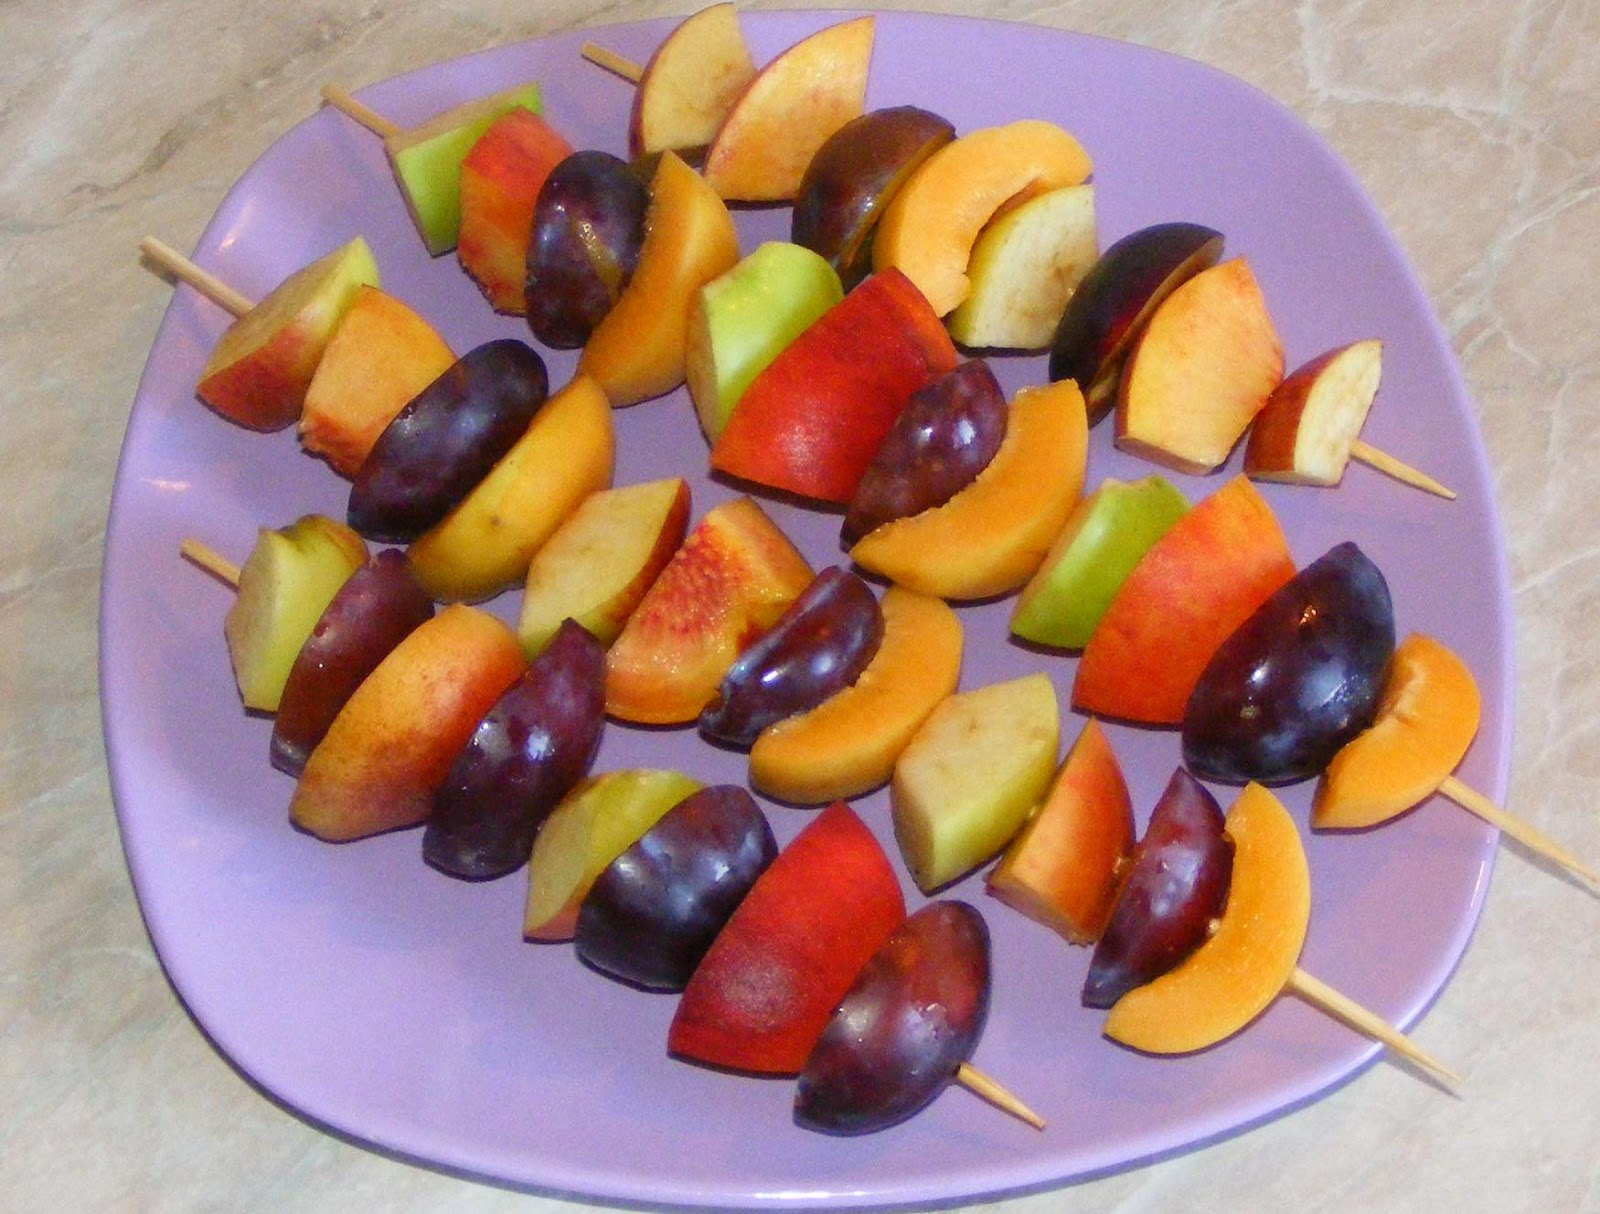 frigarui, frigarui de fructe, frigarui din fructe, frigarui cu fructe, retete frigarui, reteta frigarui, retete cu fructe, fructe la gratar, fructe la gril, dulciuri, deserturi, gustari, aperitive, garnituri, frigarui dulci, fructe coapte, retete culinare,